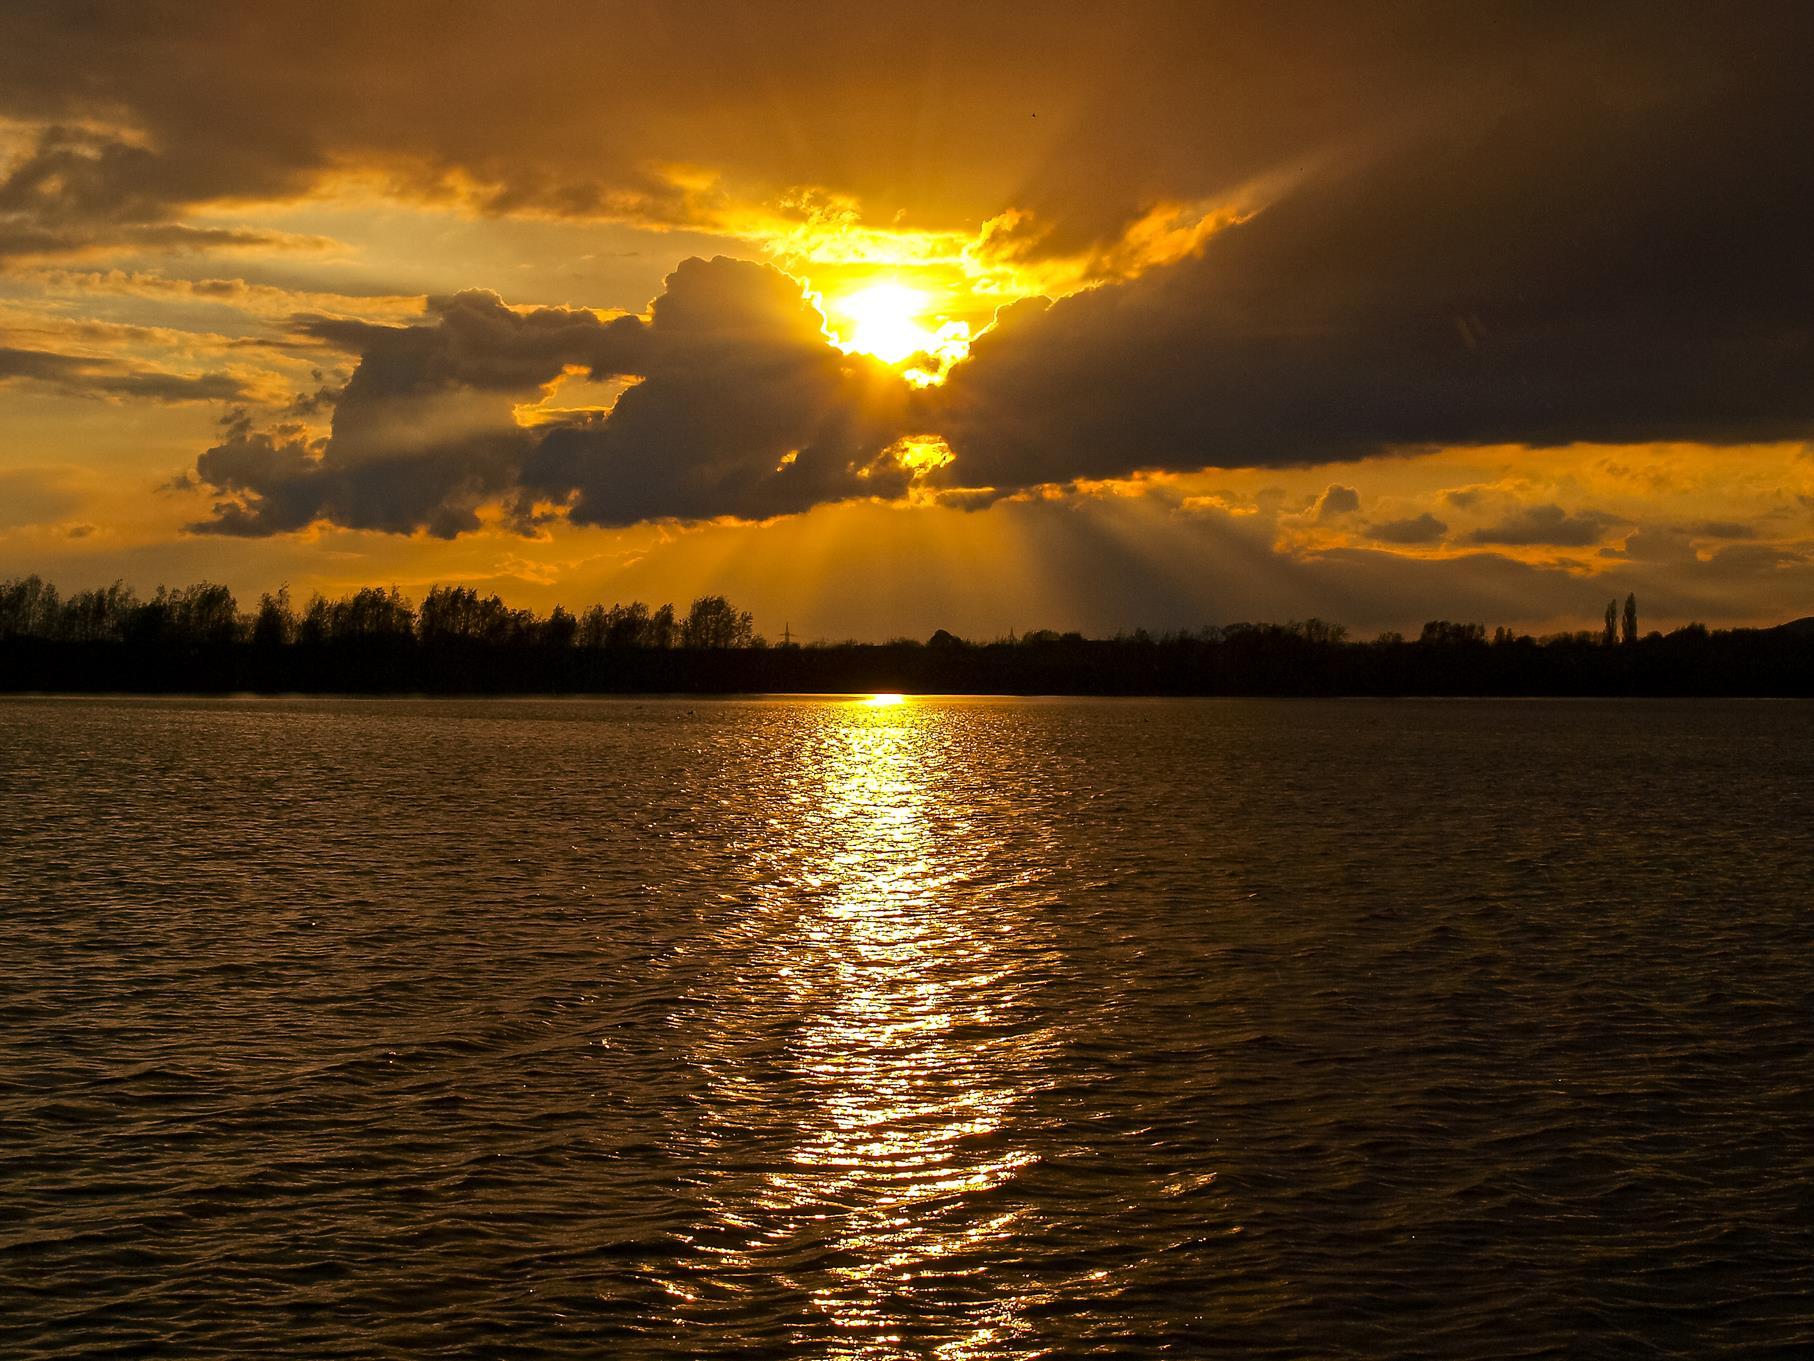 Sonnenuntergang nach einem Regenschauer im April.